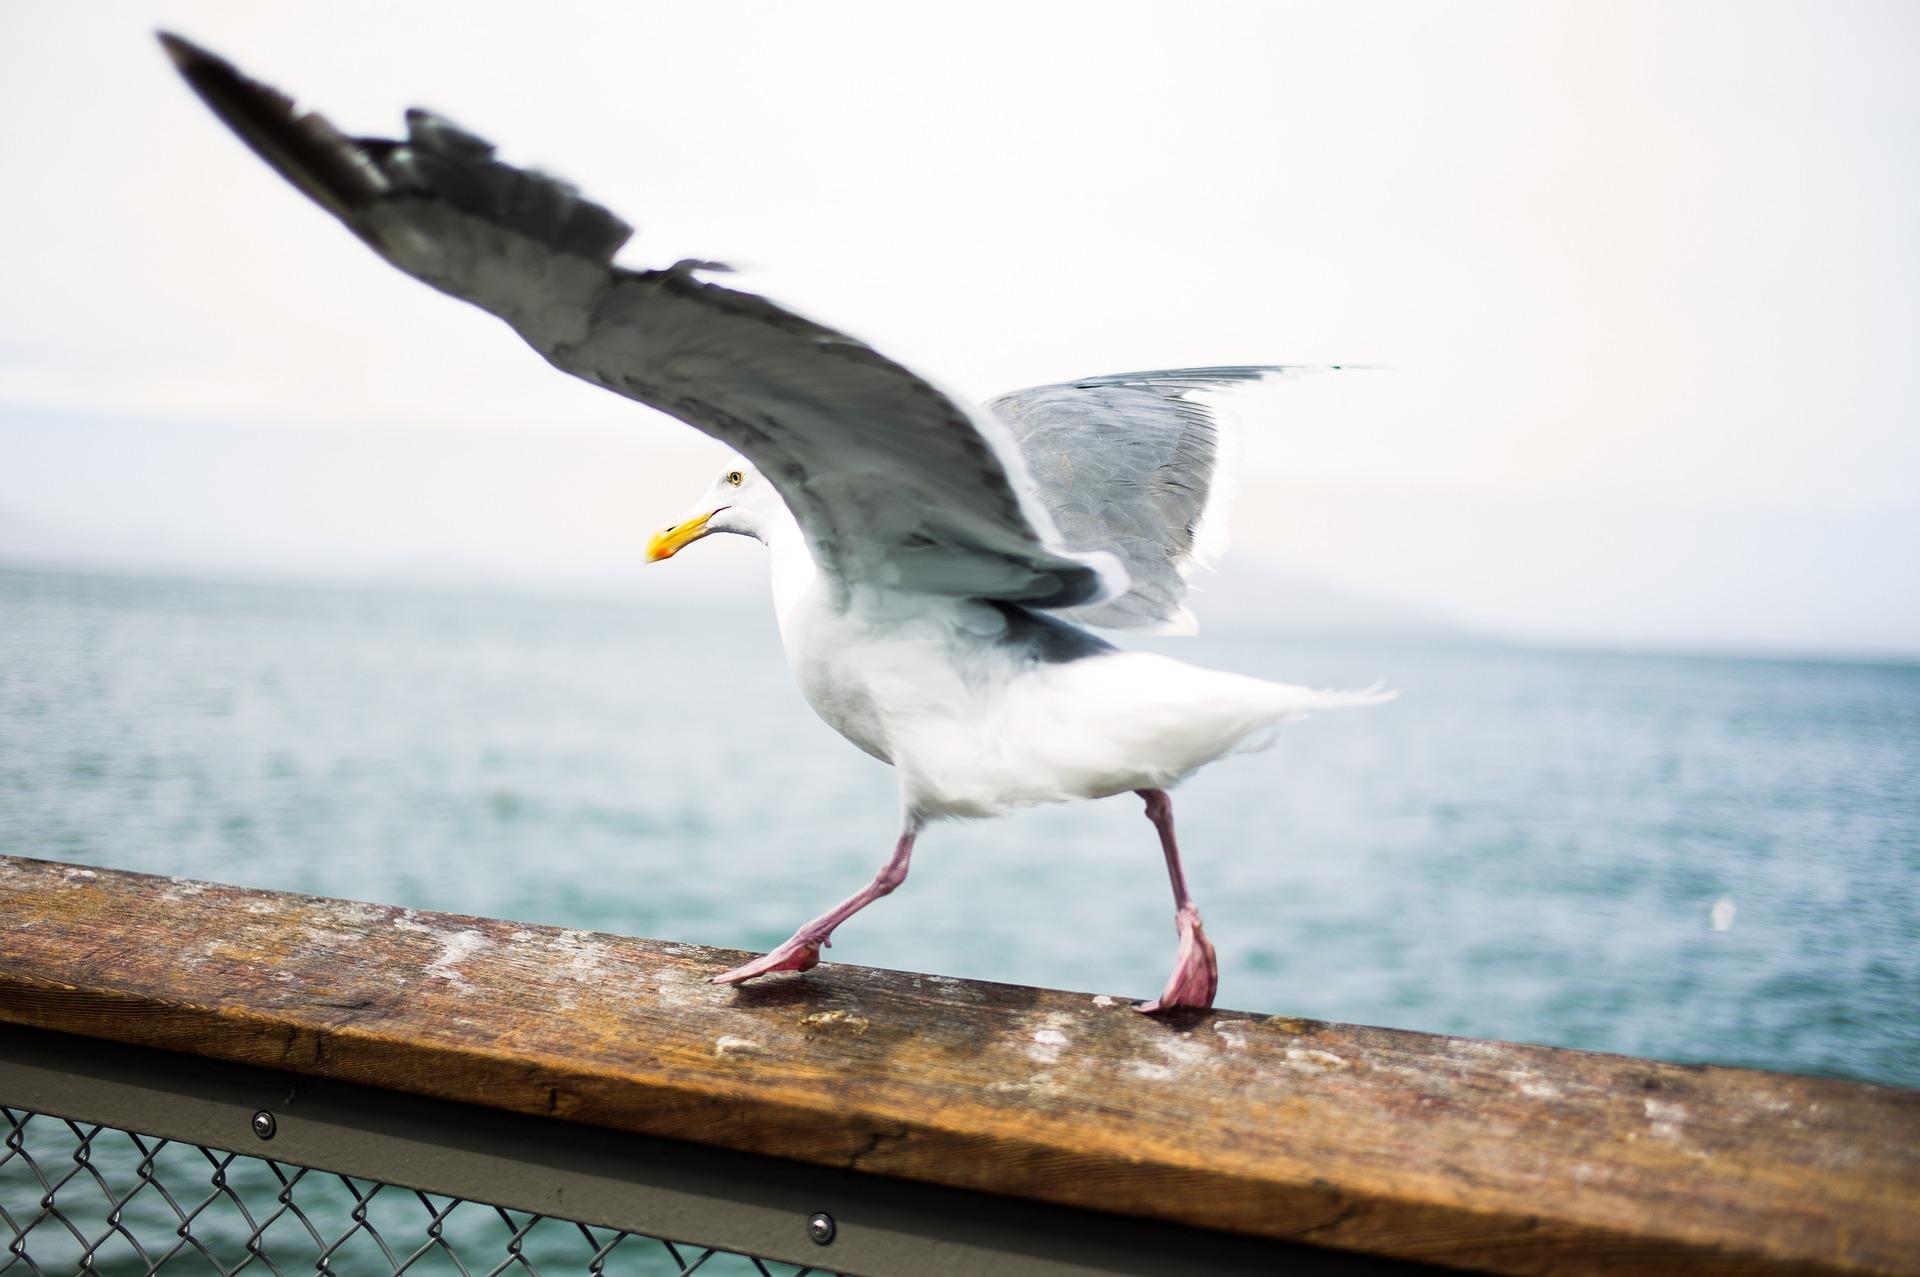 Gabbiano, Ali, uccelli marini, Ave, apertura alare, Mare - Sfondi HD - Professor-falken.com